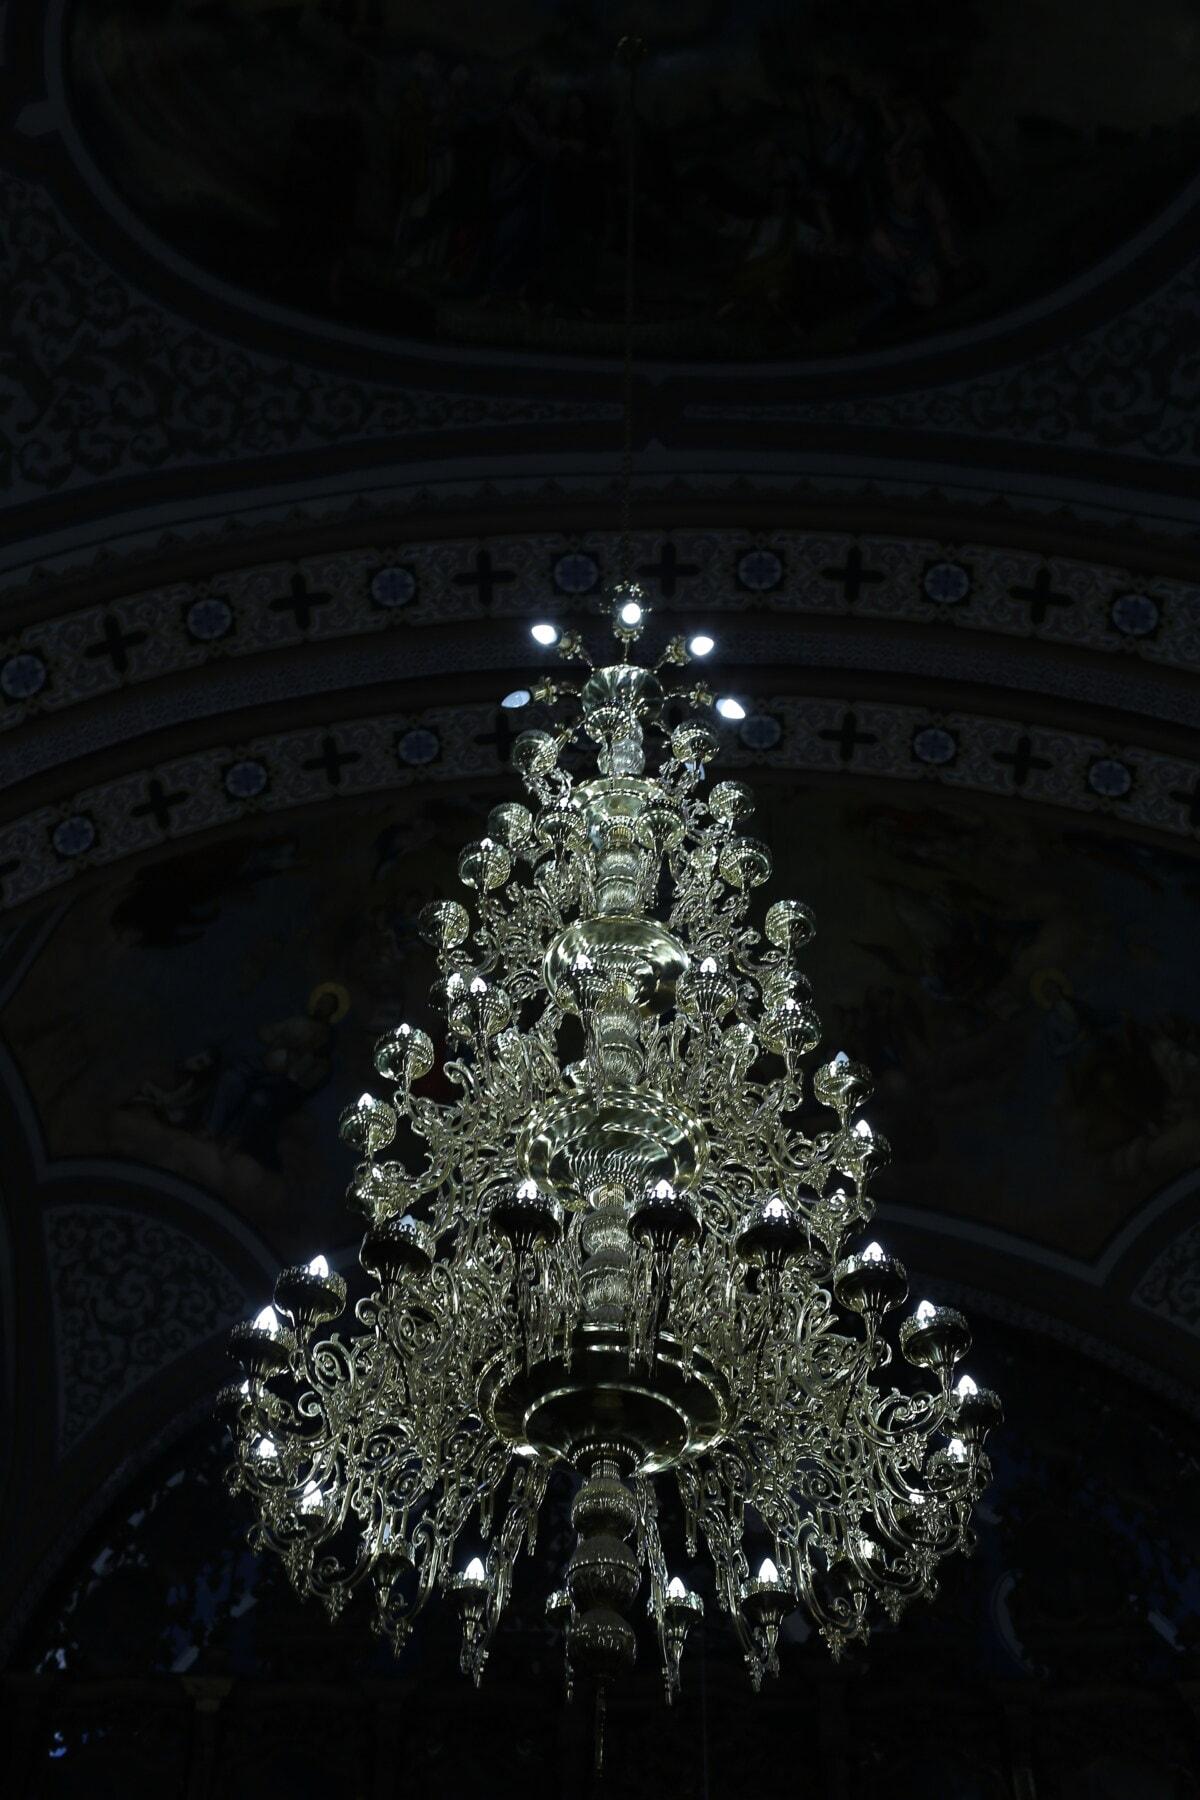 crystal, lustre, décoration d'intérieur, église, religion, cathédrale, architecture, art, lumière, luxe